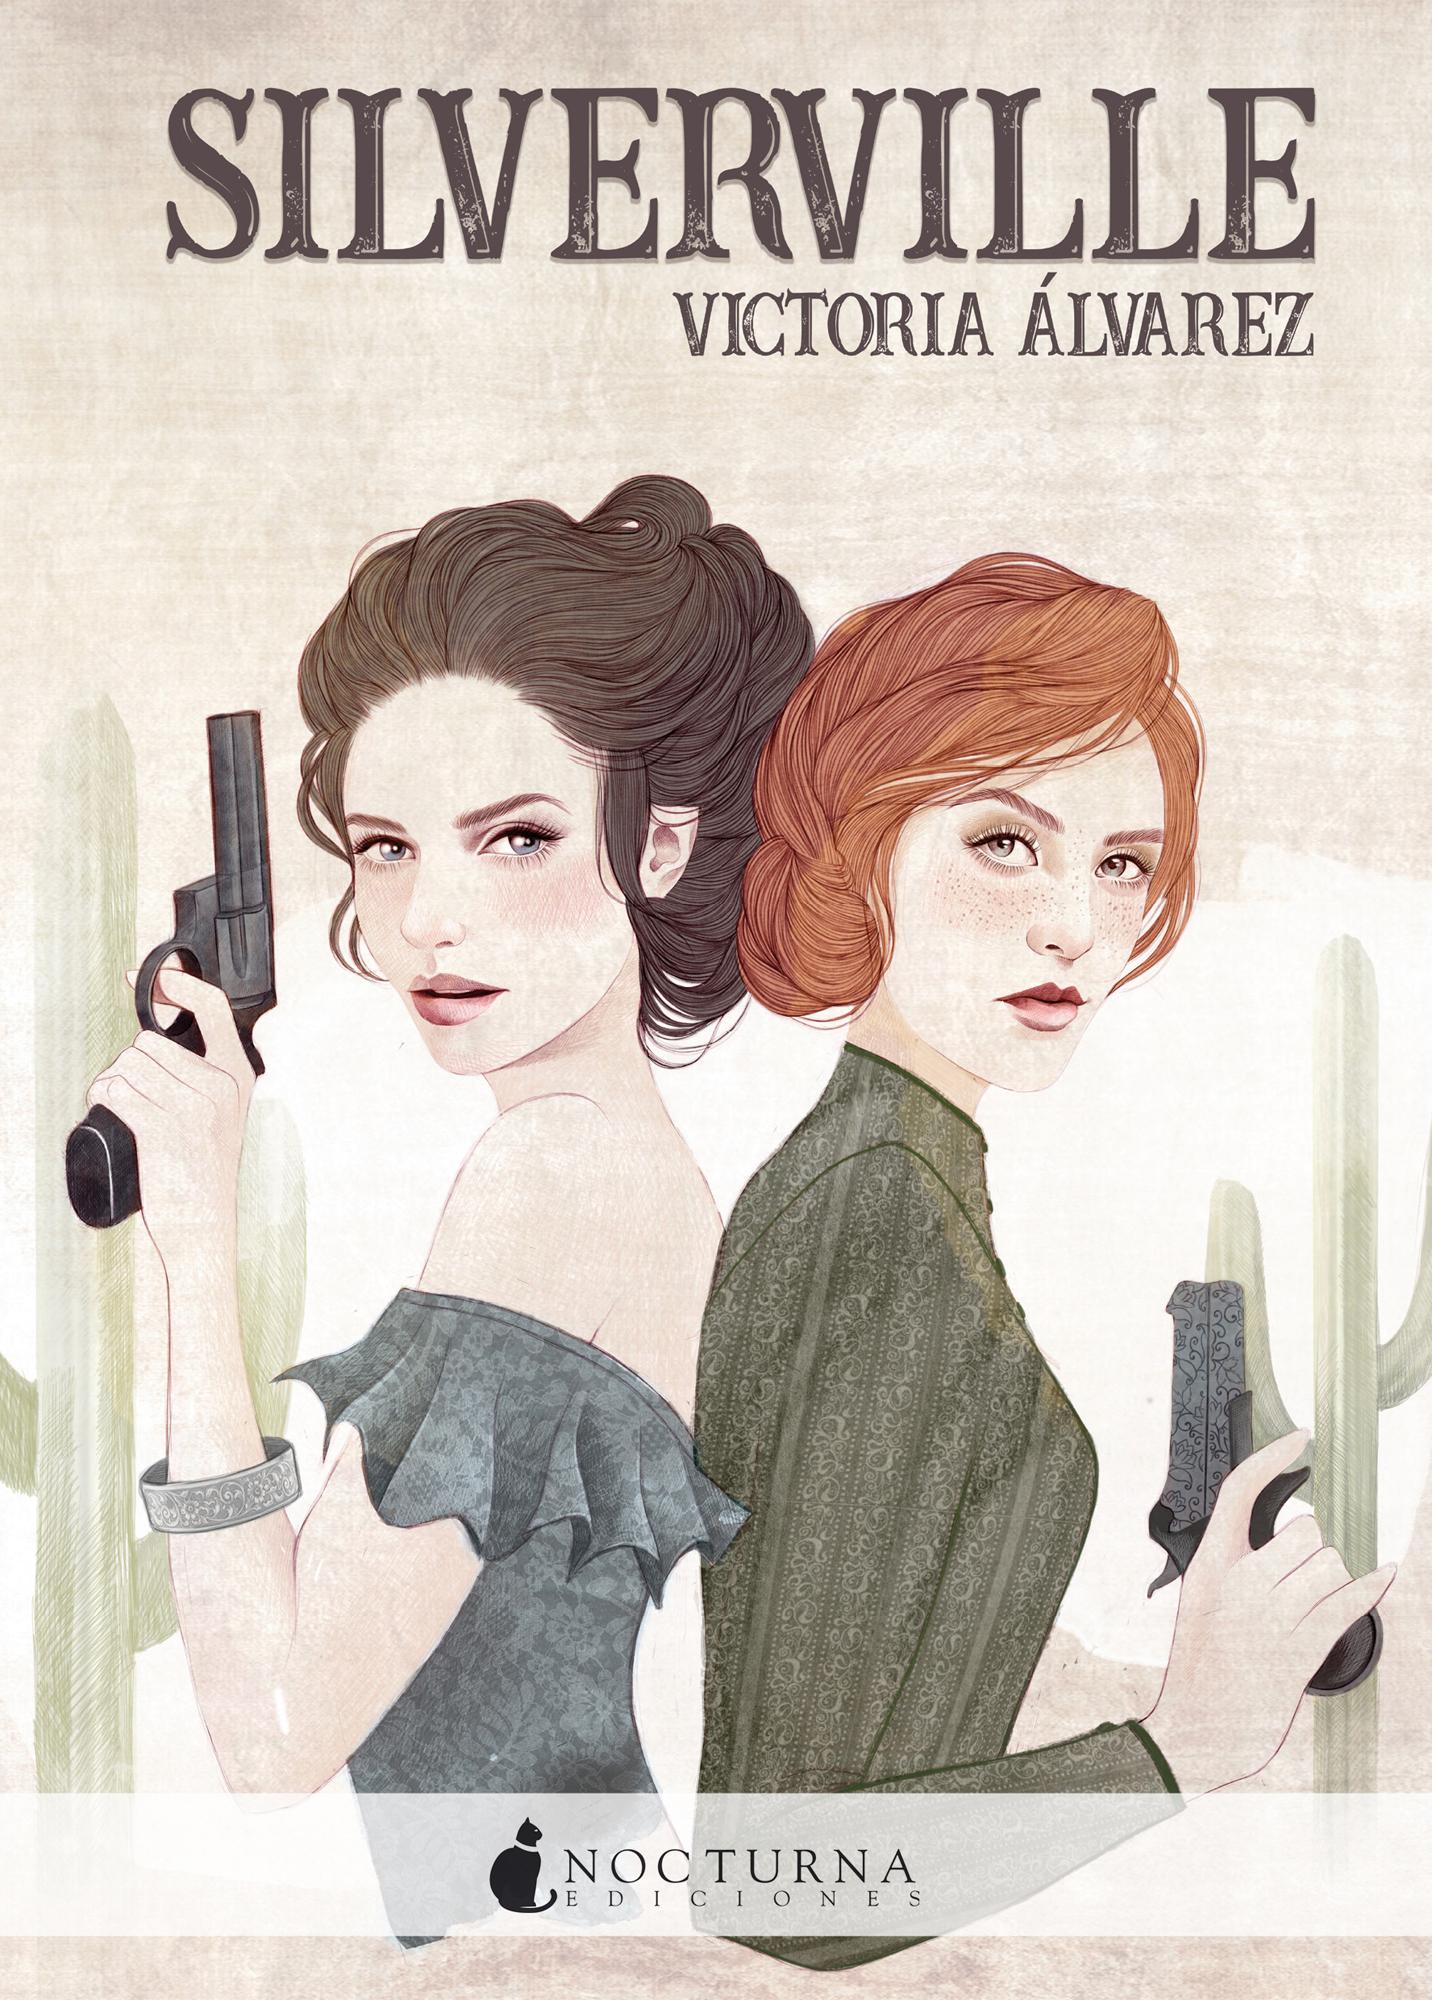 Silverville Victoria Alvarez